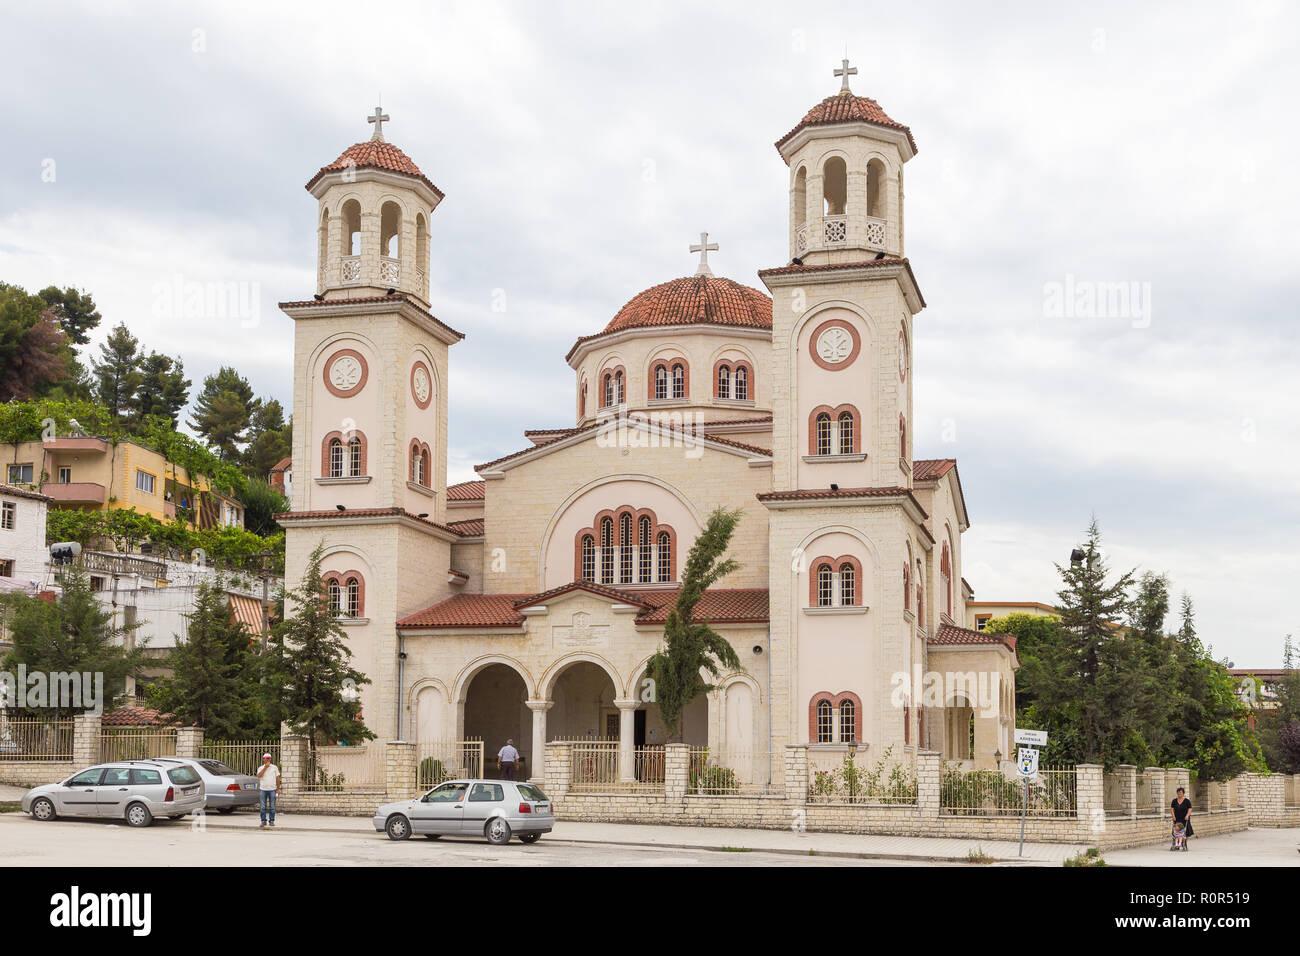 Berat, Albania- 30 June 2014: Saint Dymitr, the Orthodox cathedral in Berat. The main temple of the metropolis of Berat. - Stock Image